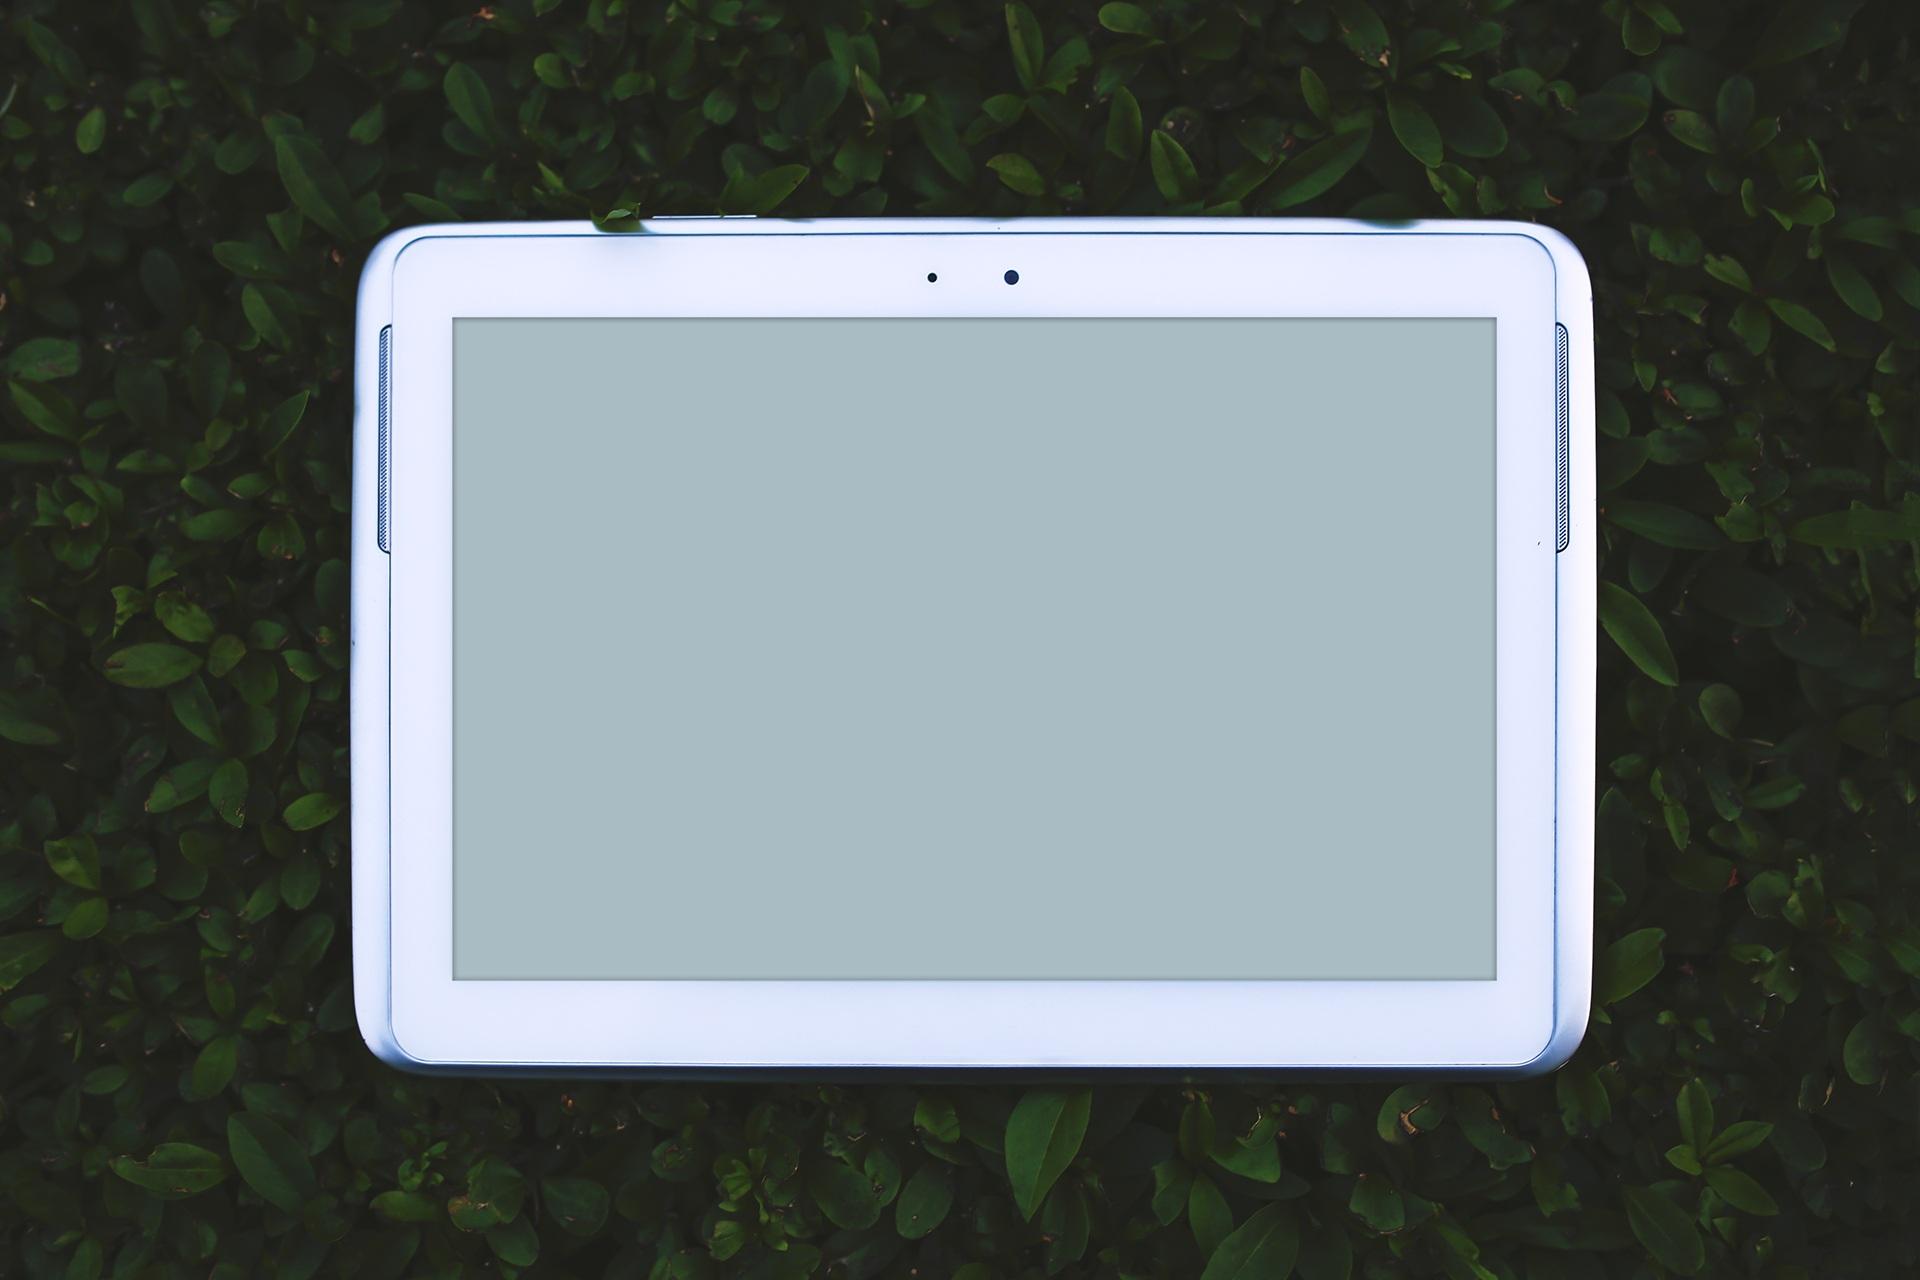 Fotos gratis : móvil, césped, ligero, Ipad, tecnología, blanco ...